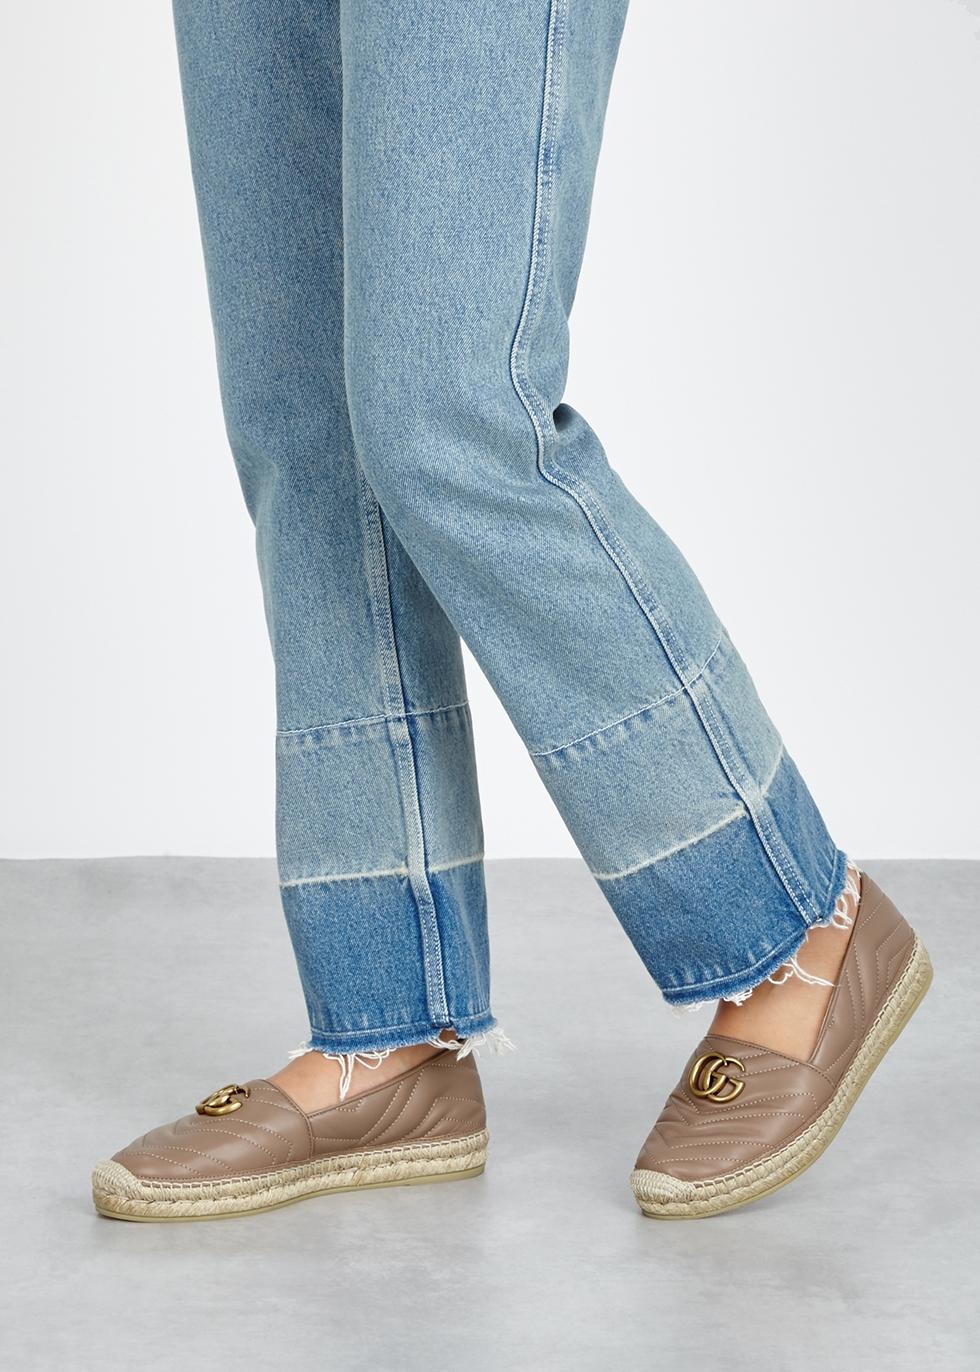 7d1093e83605 Gucci Women's Shoes - Harvey Nichols